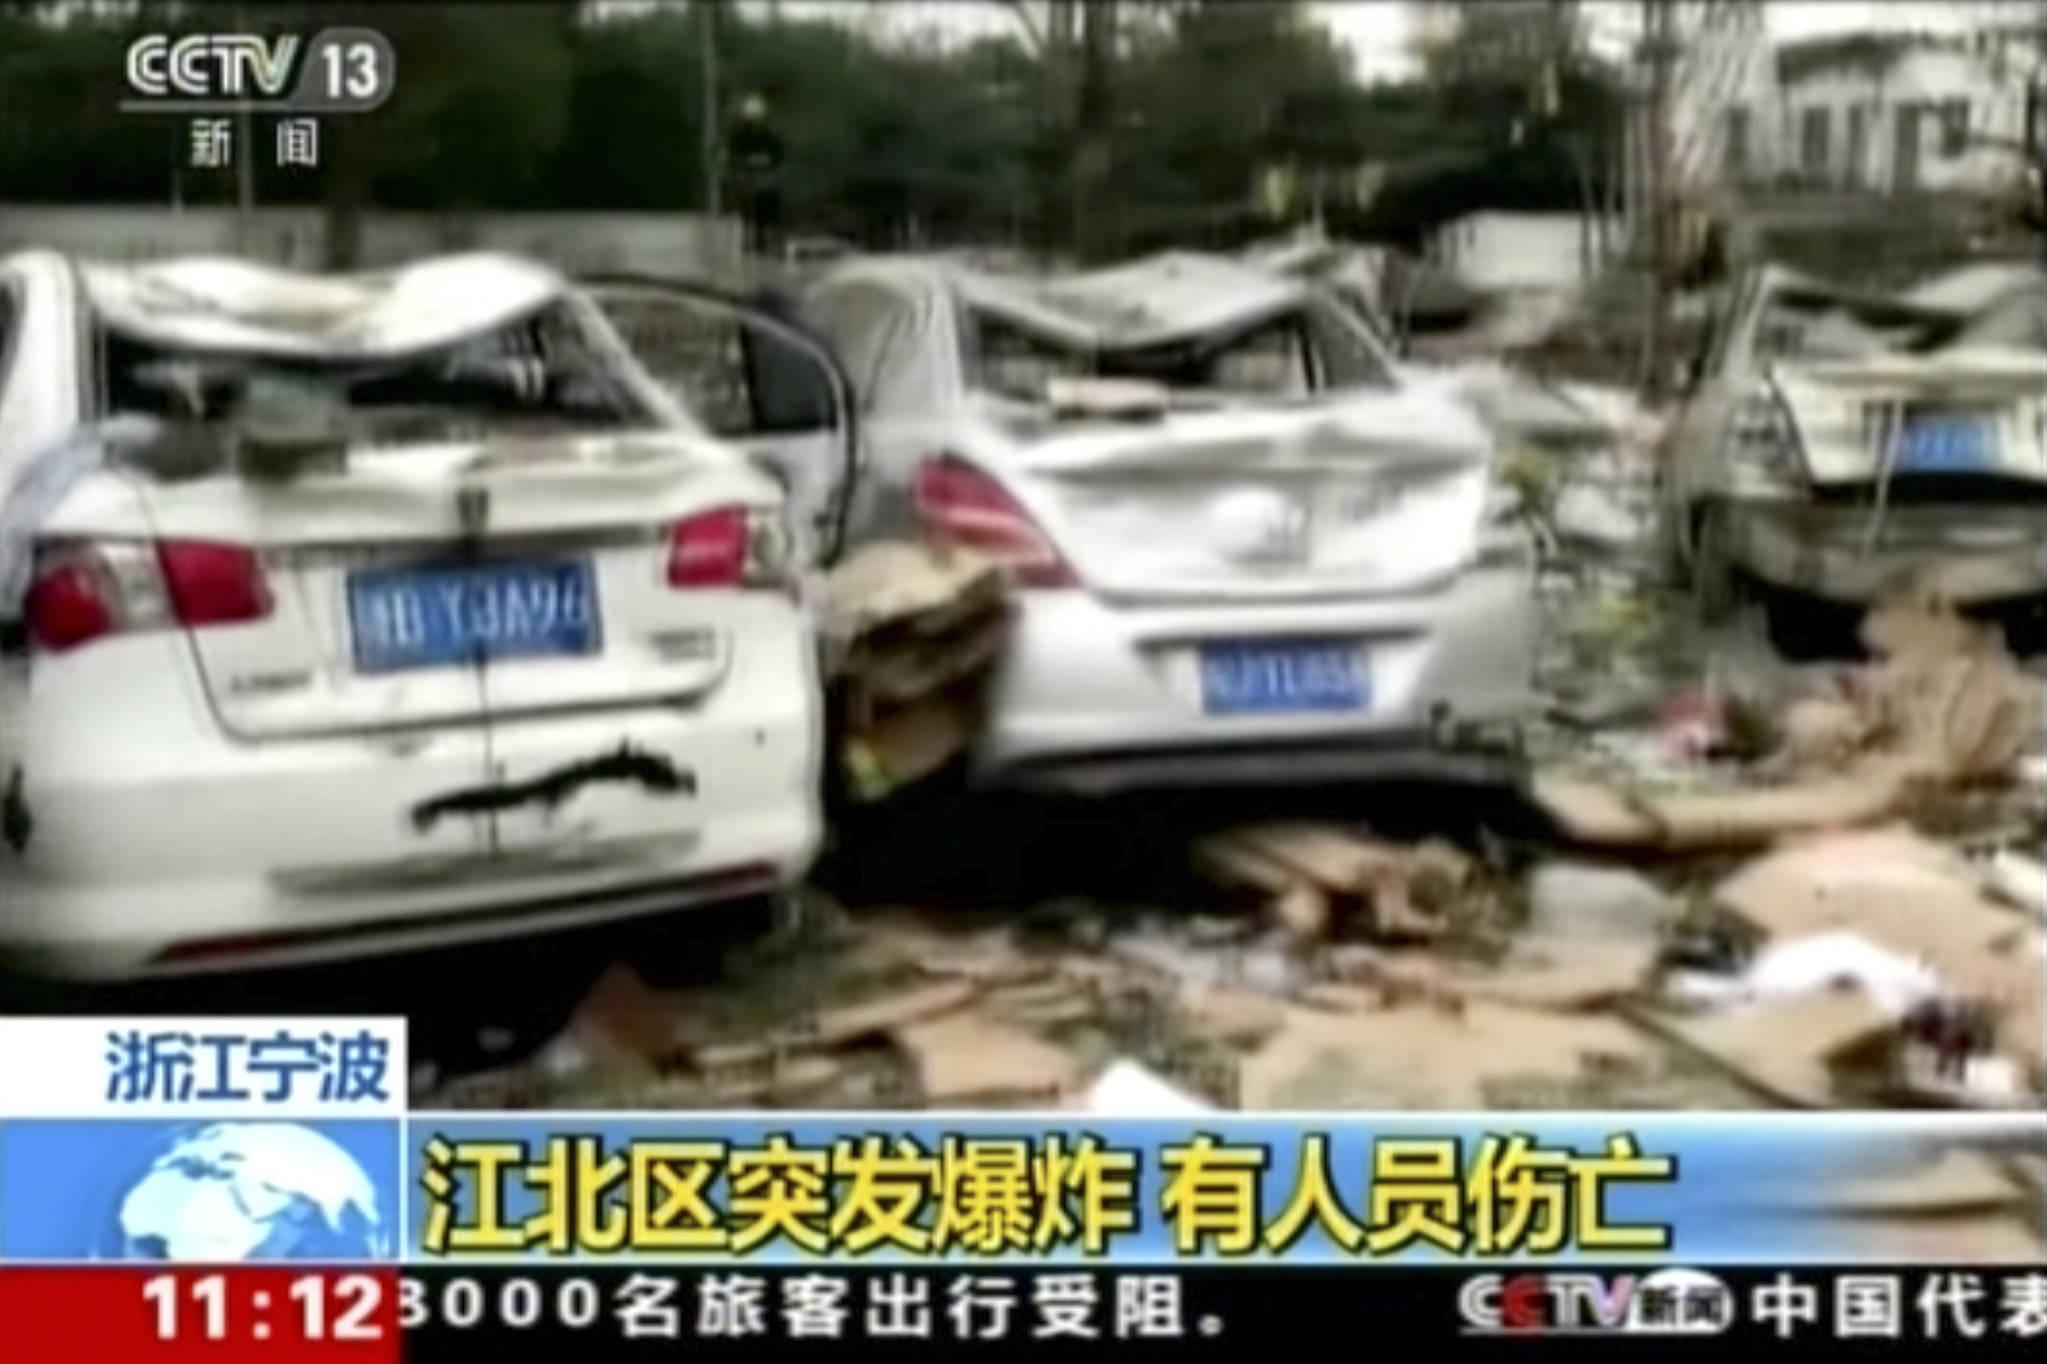 중국 CCTV의 26일 중국 저장성 닝보 폭발사고 속보 방송장면.[AP=연합뉴스]